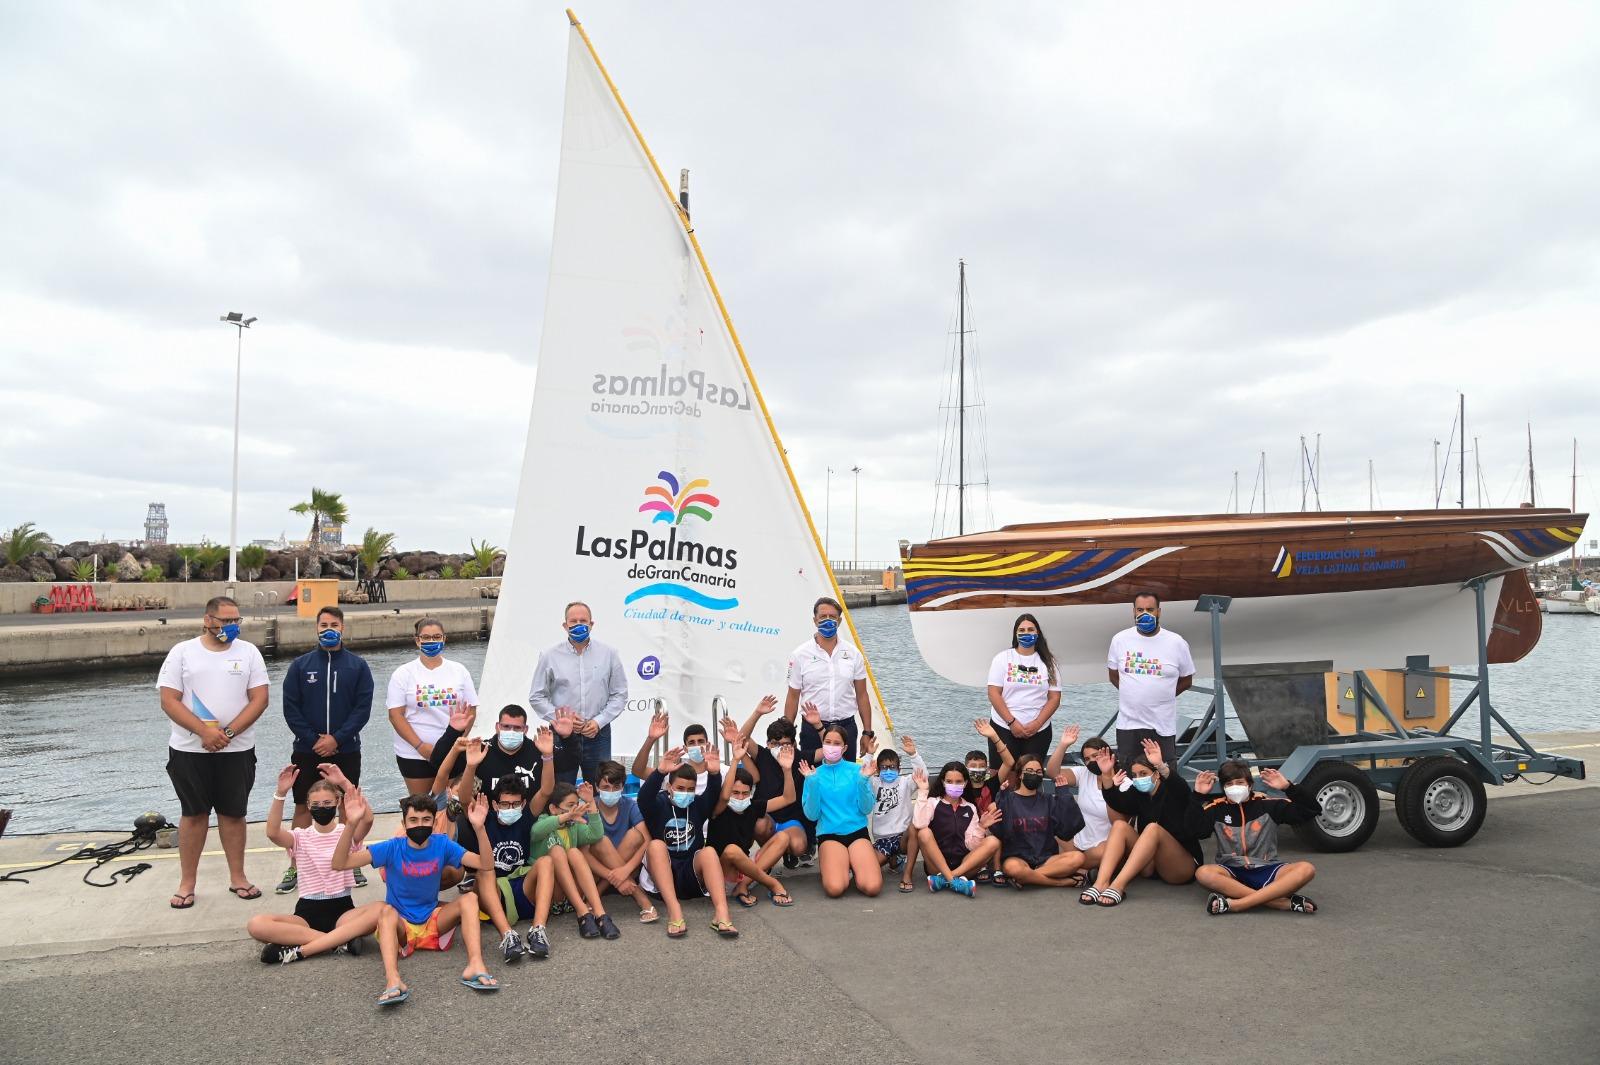 La ciudad lleva a la Península un bote de vela latina canaria para promocionar el destino a través de su deporte vernáculo